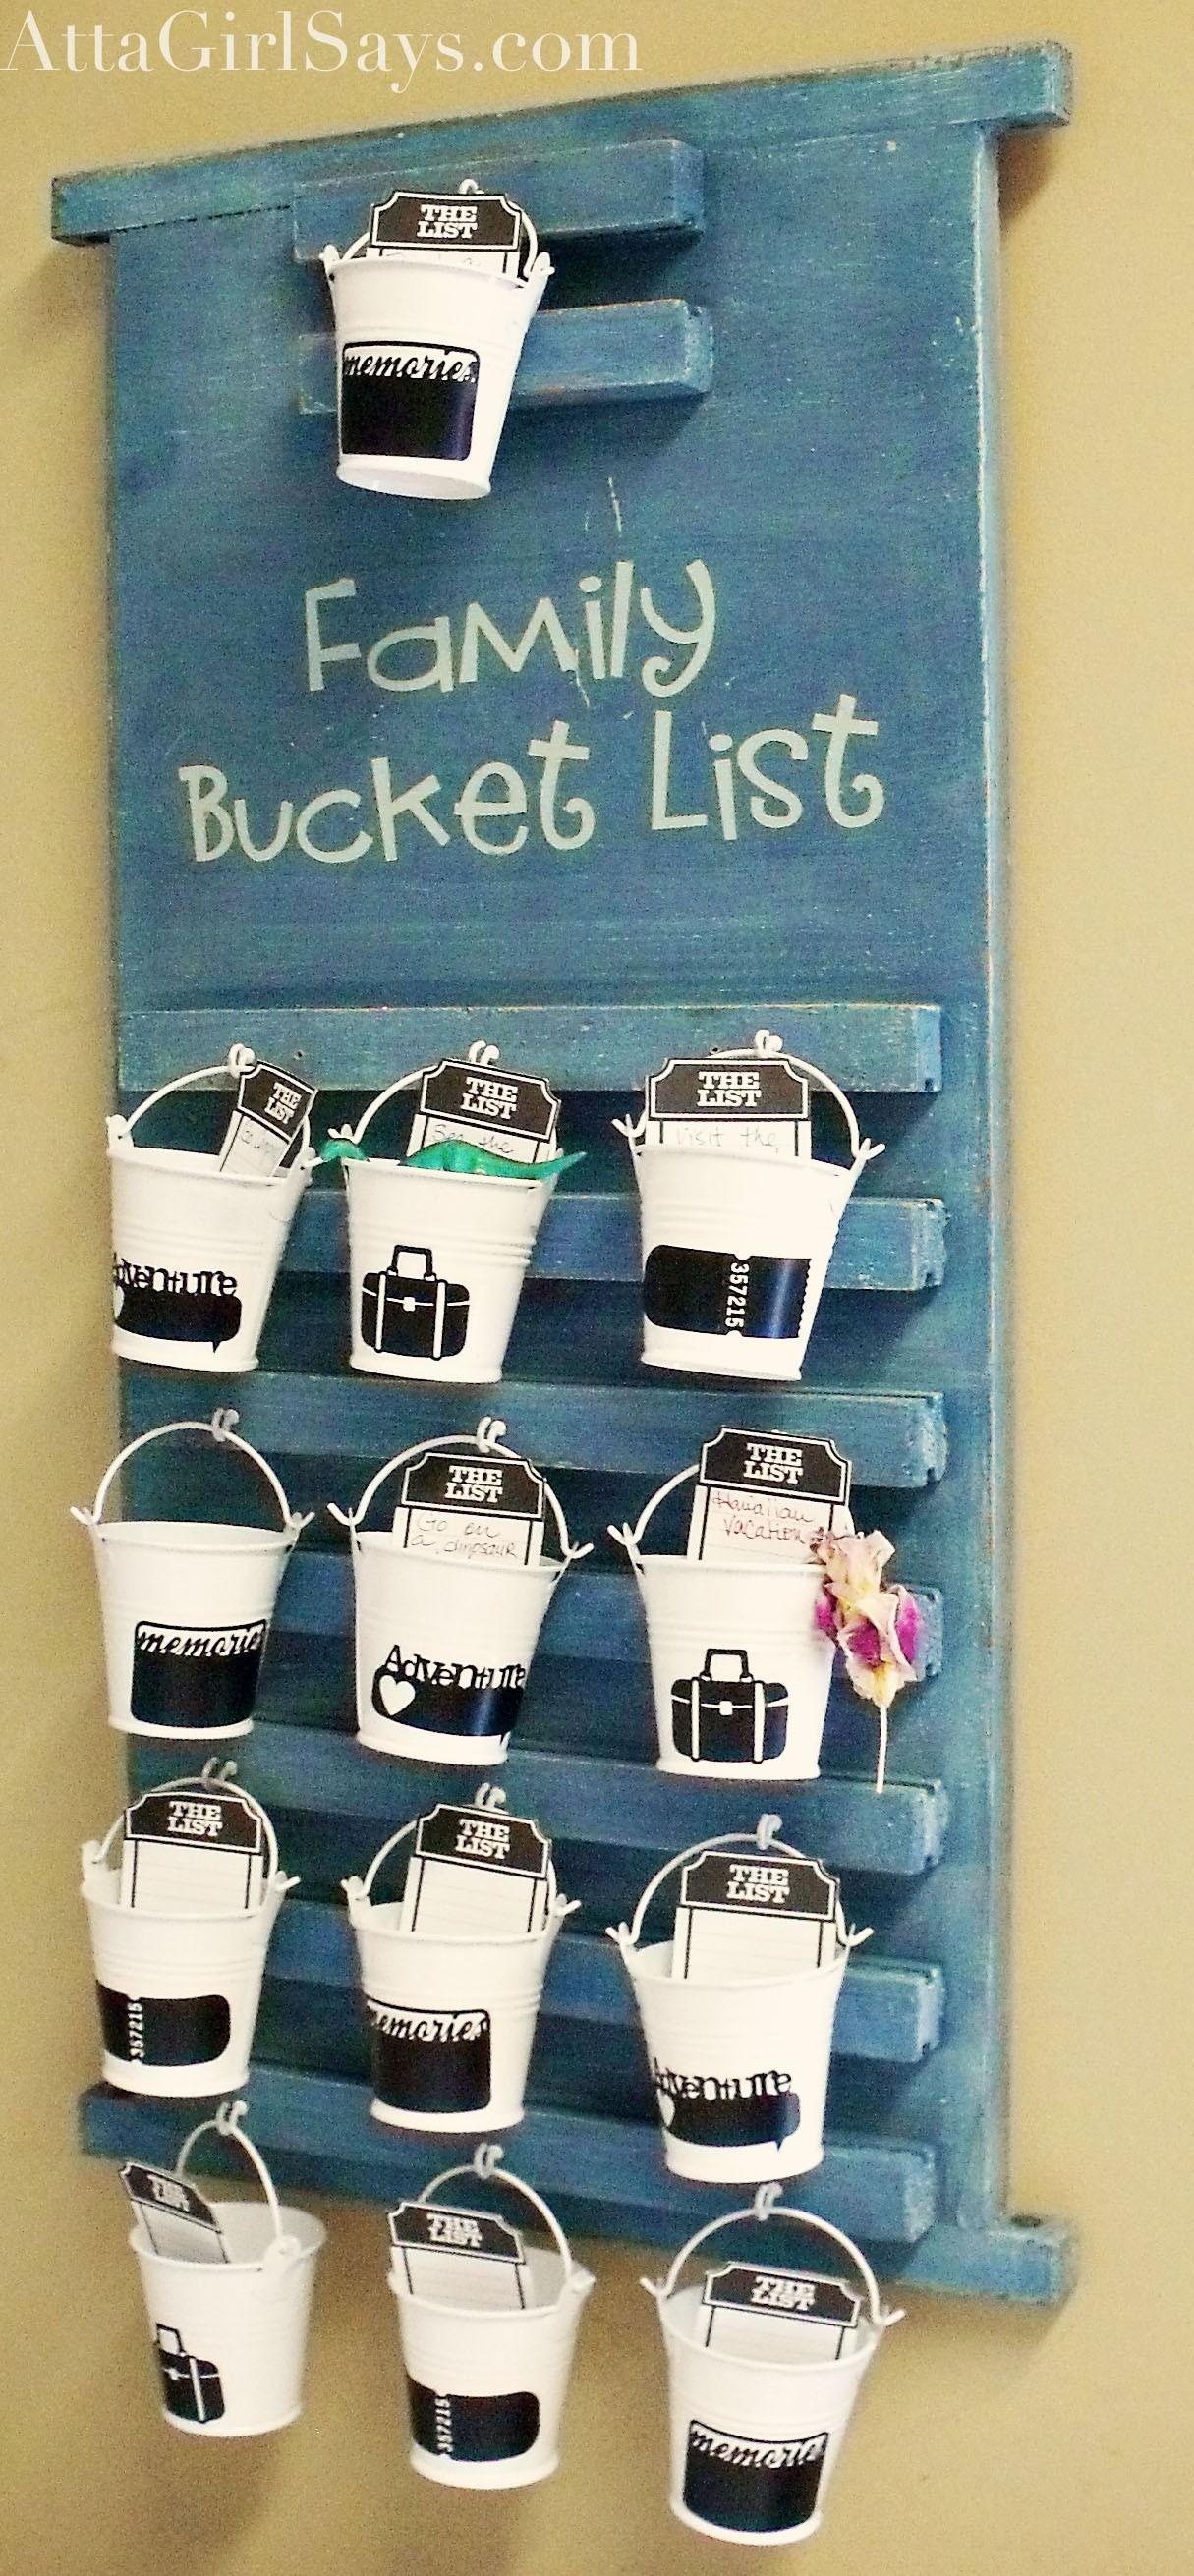 Make A 3d Family Bucket List Atta Girl Says